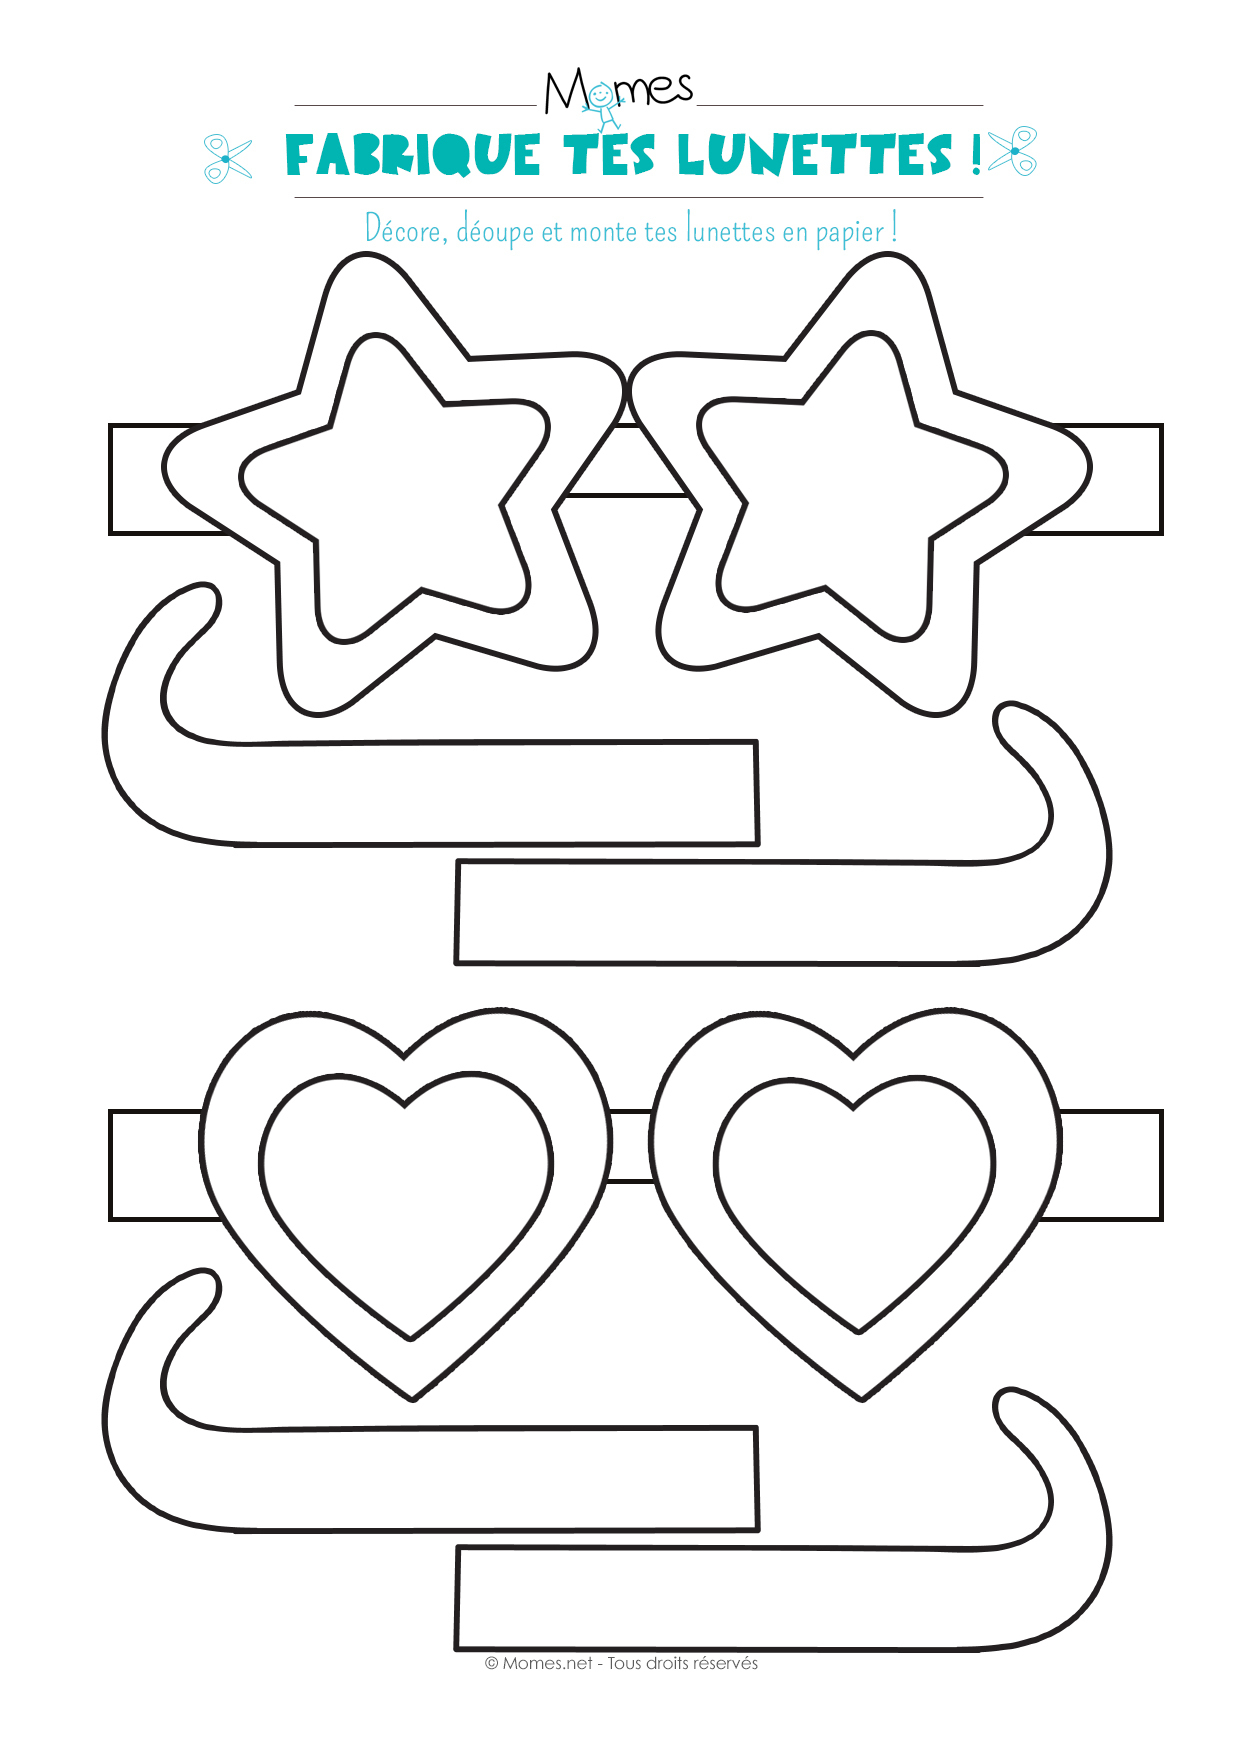 Lunettes À Imprimer Et À Colorier - Momes tout Decoupage A Imprimer Gratuit